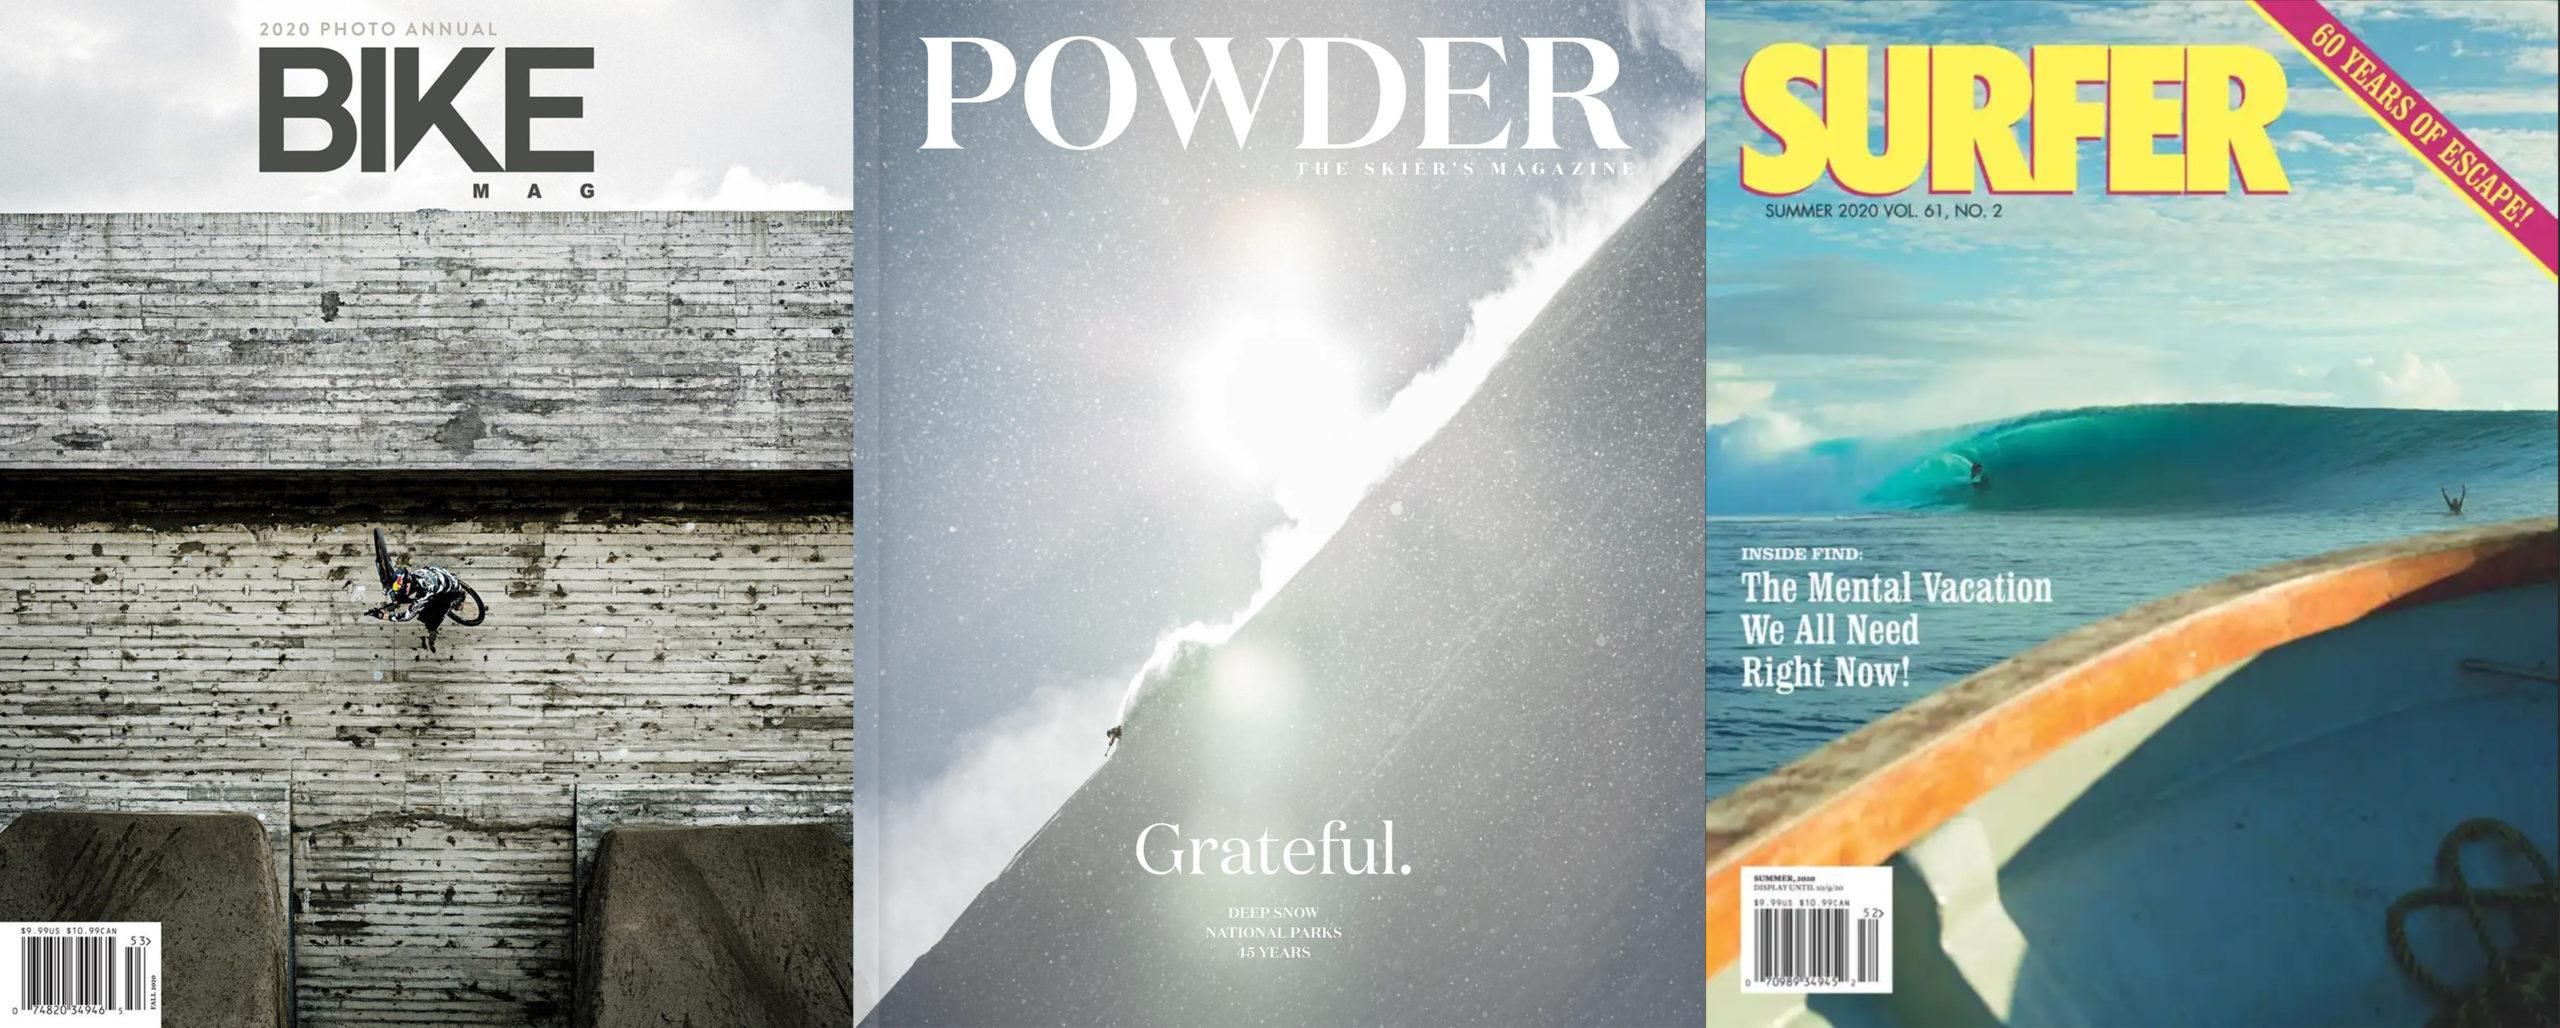 Bike, Powder, Snowboarder, and Surfer Magazines Shut Down